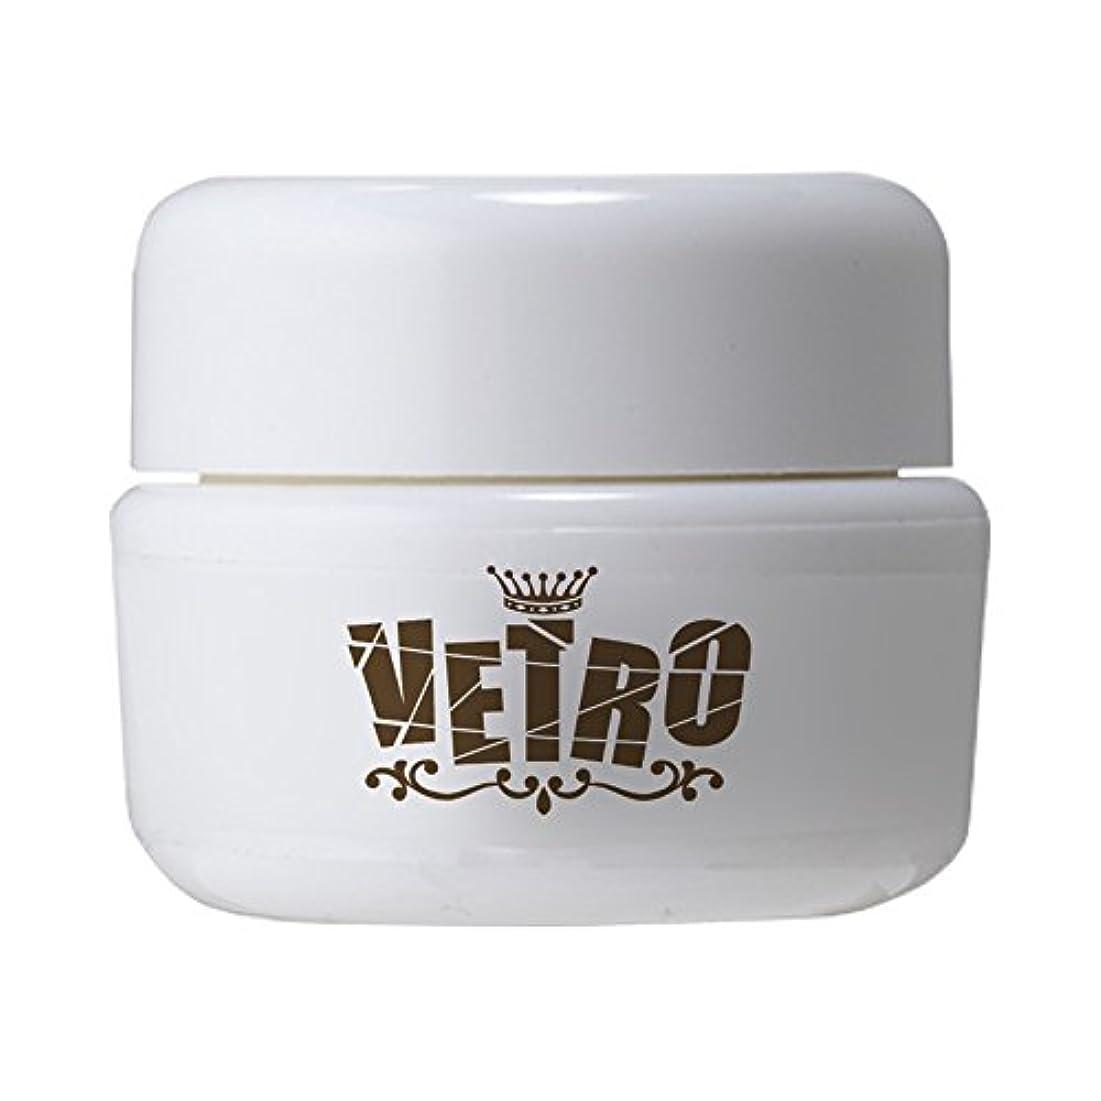 ヒットチャレンジ人道的VETRO カラージェル VL068 レディー 4ml テクスチャー:ノーマル マット UV/LED対応